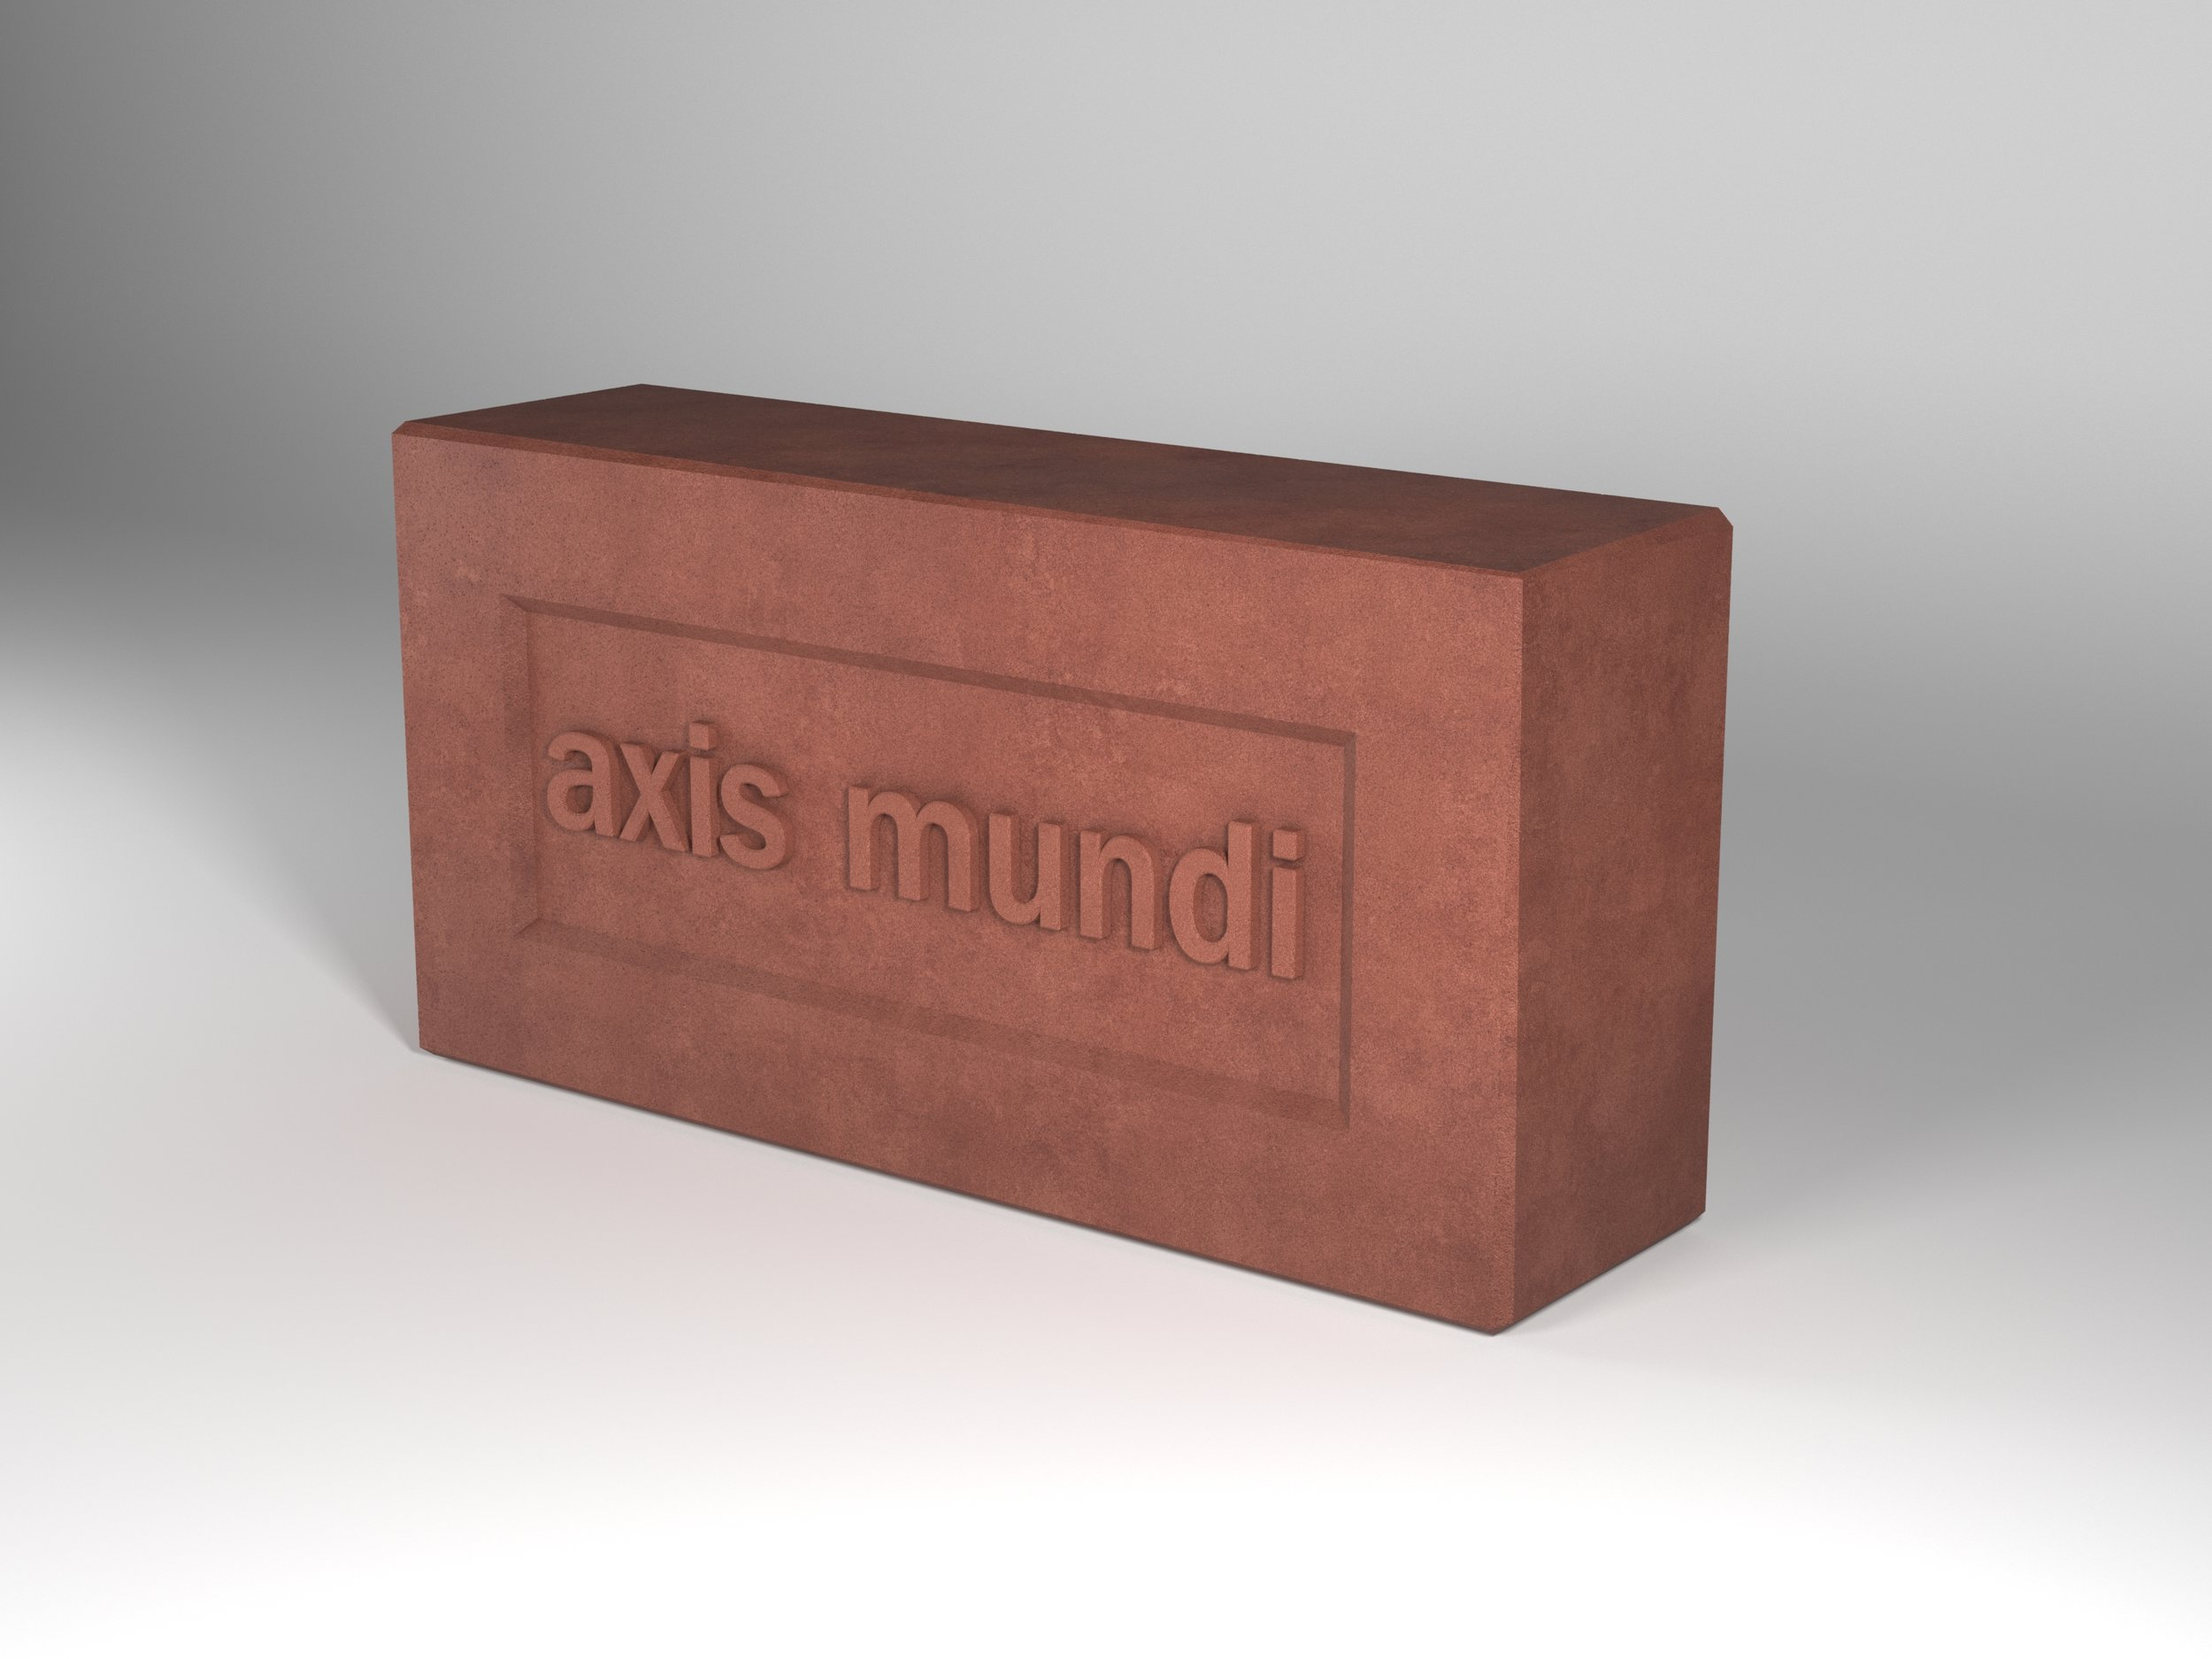 Brick_axis mundi_2.2.jpg